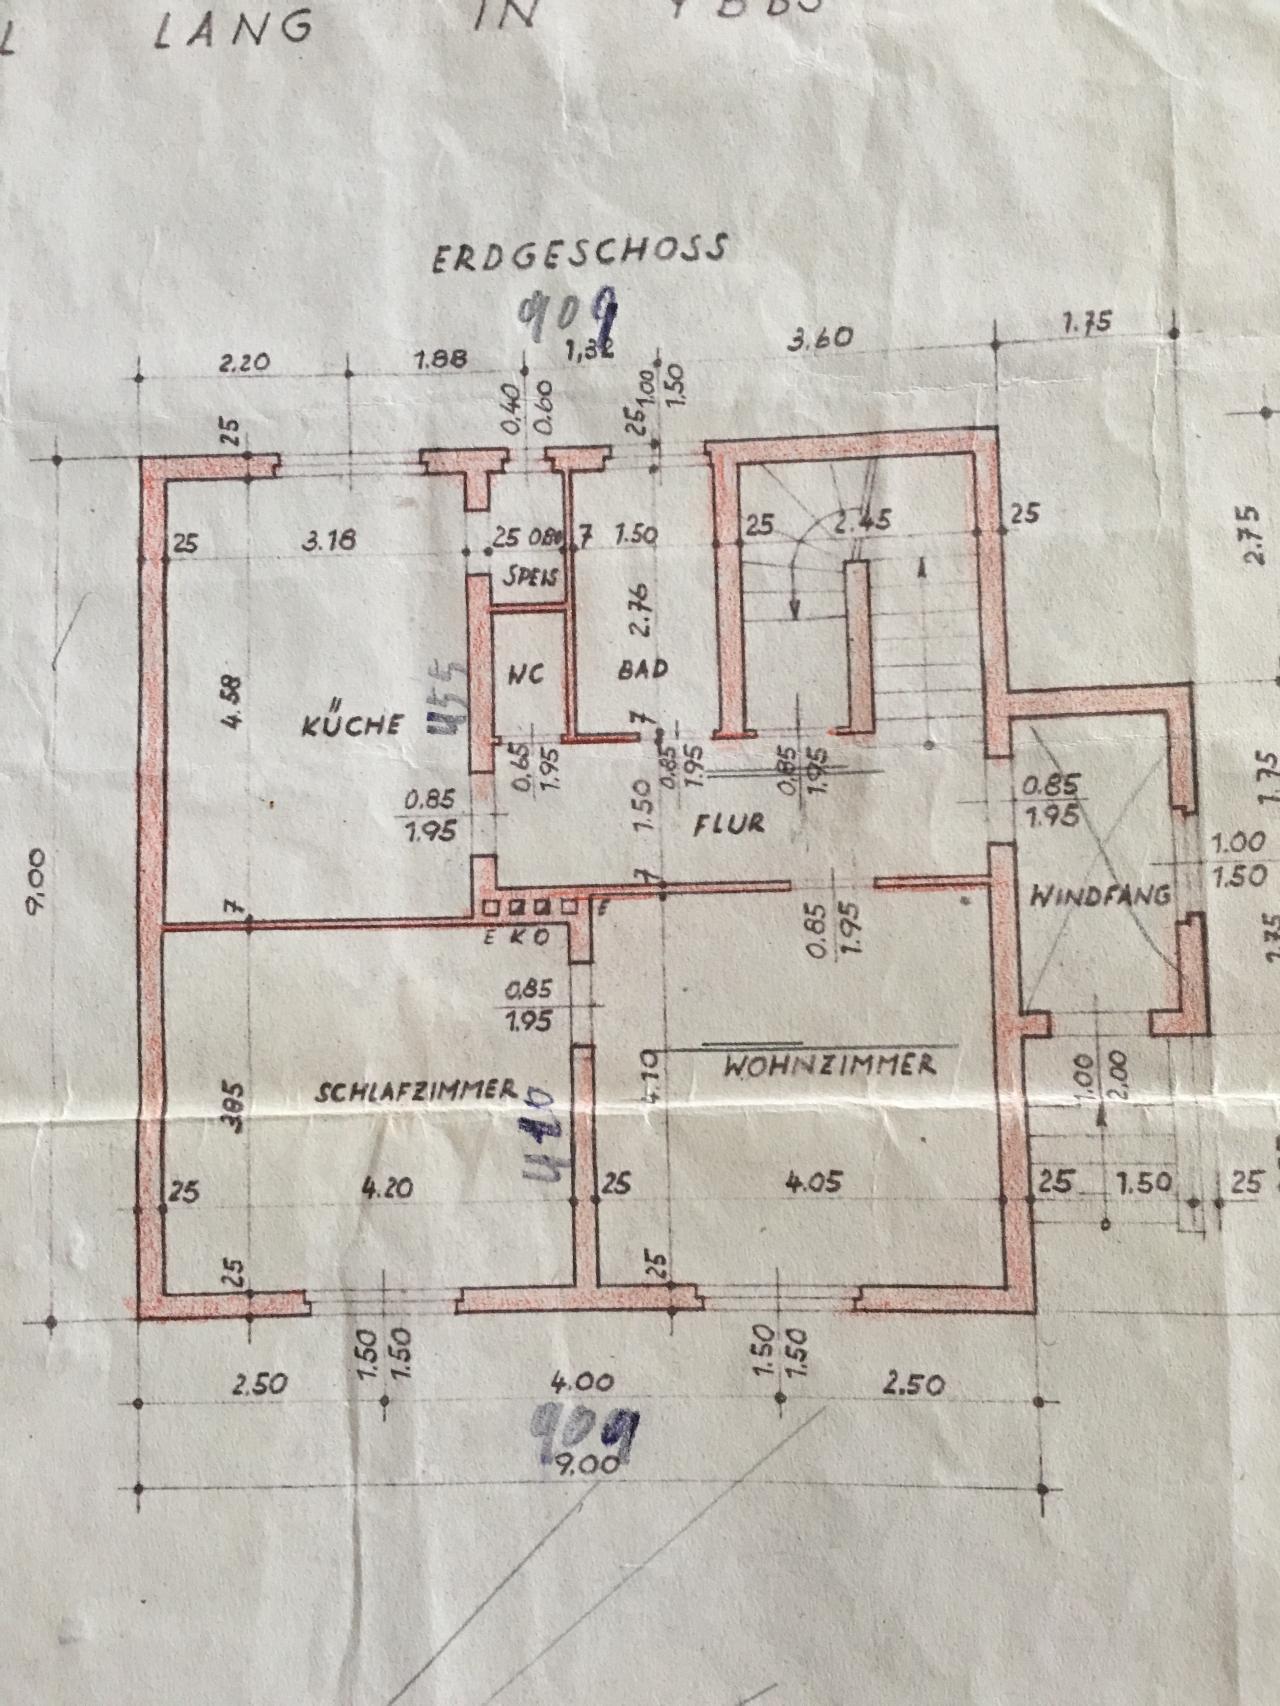 Haus Umbau oder Neubau? | Bauforum auf energiesparhaus.at